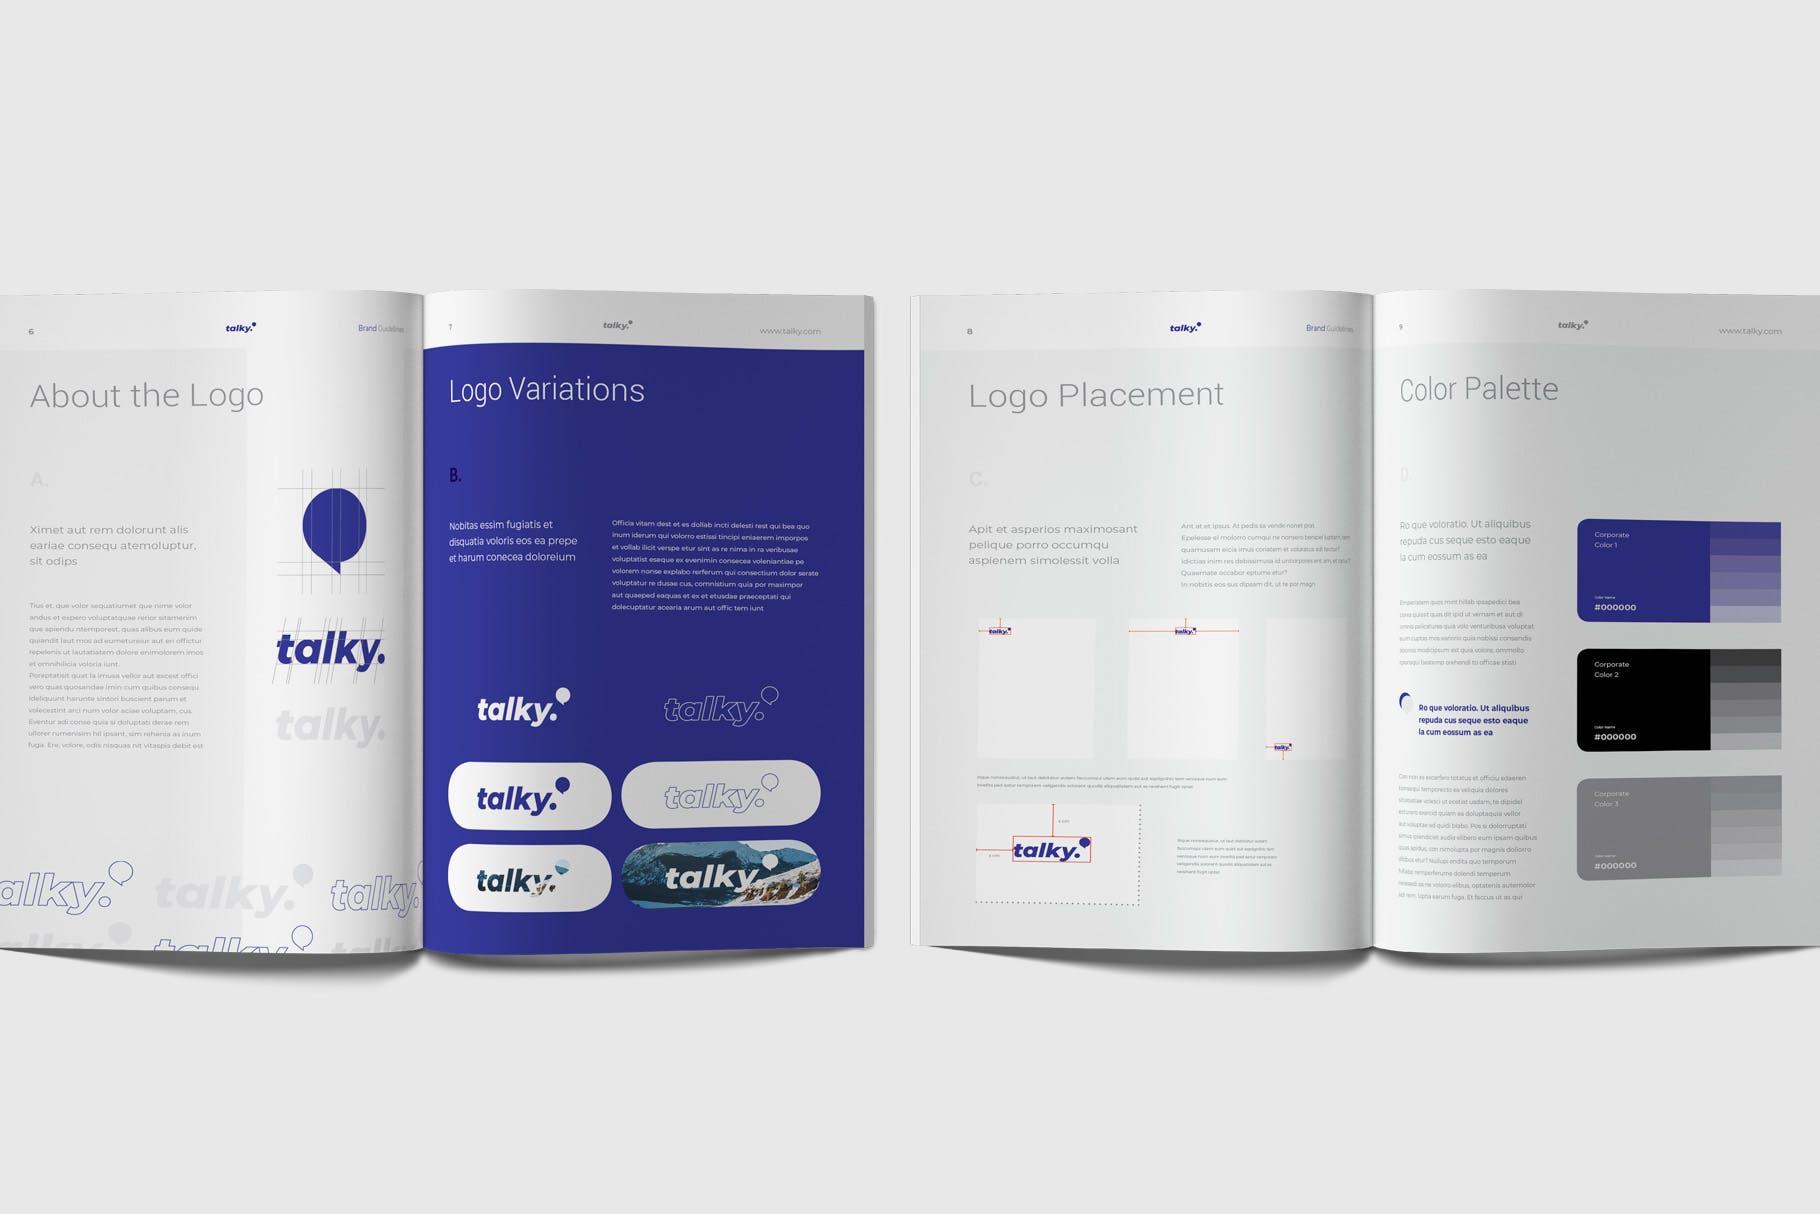 企业品牌识别系统模板素材下载Brand Guideline Rynkby